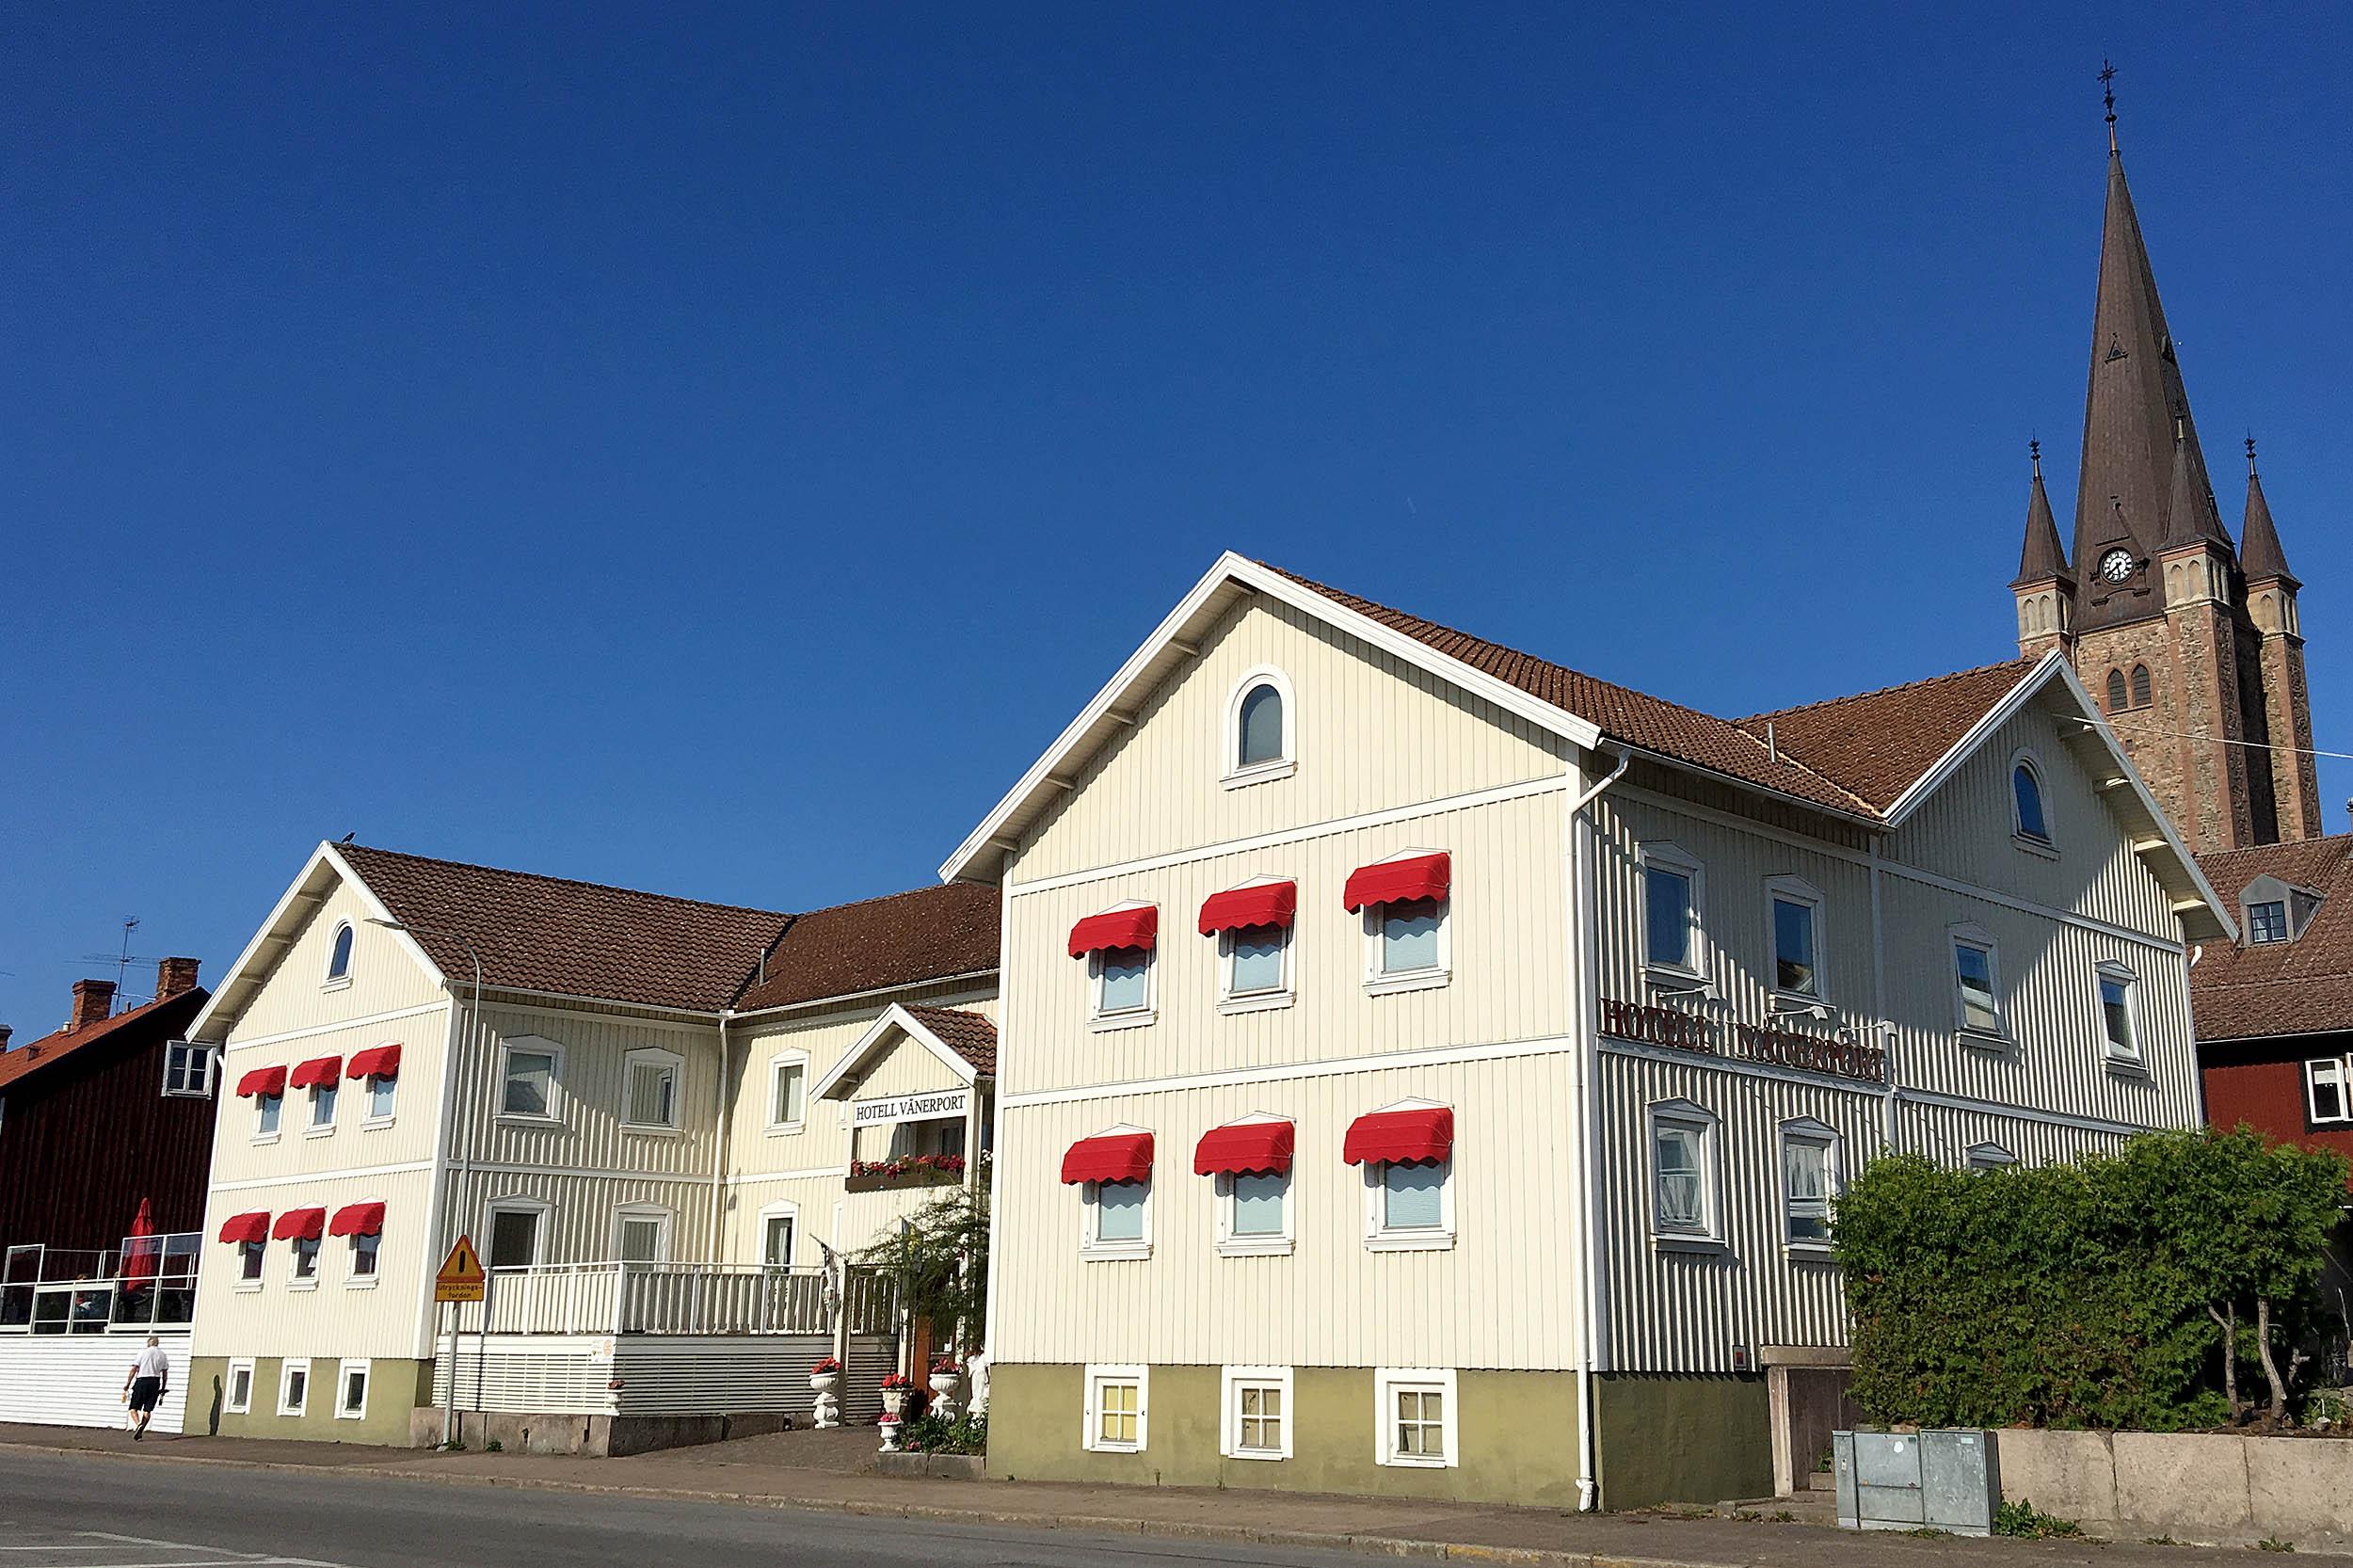 Hotell Vänerport Mariestad.